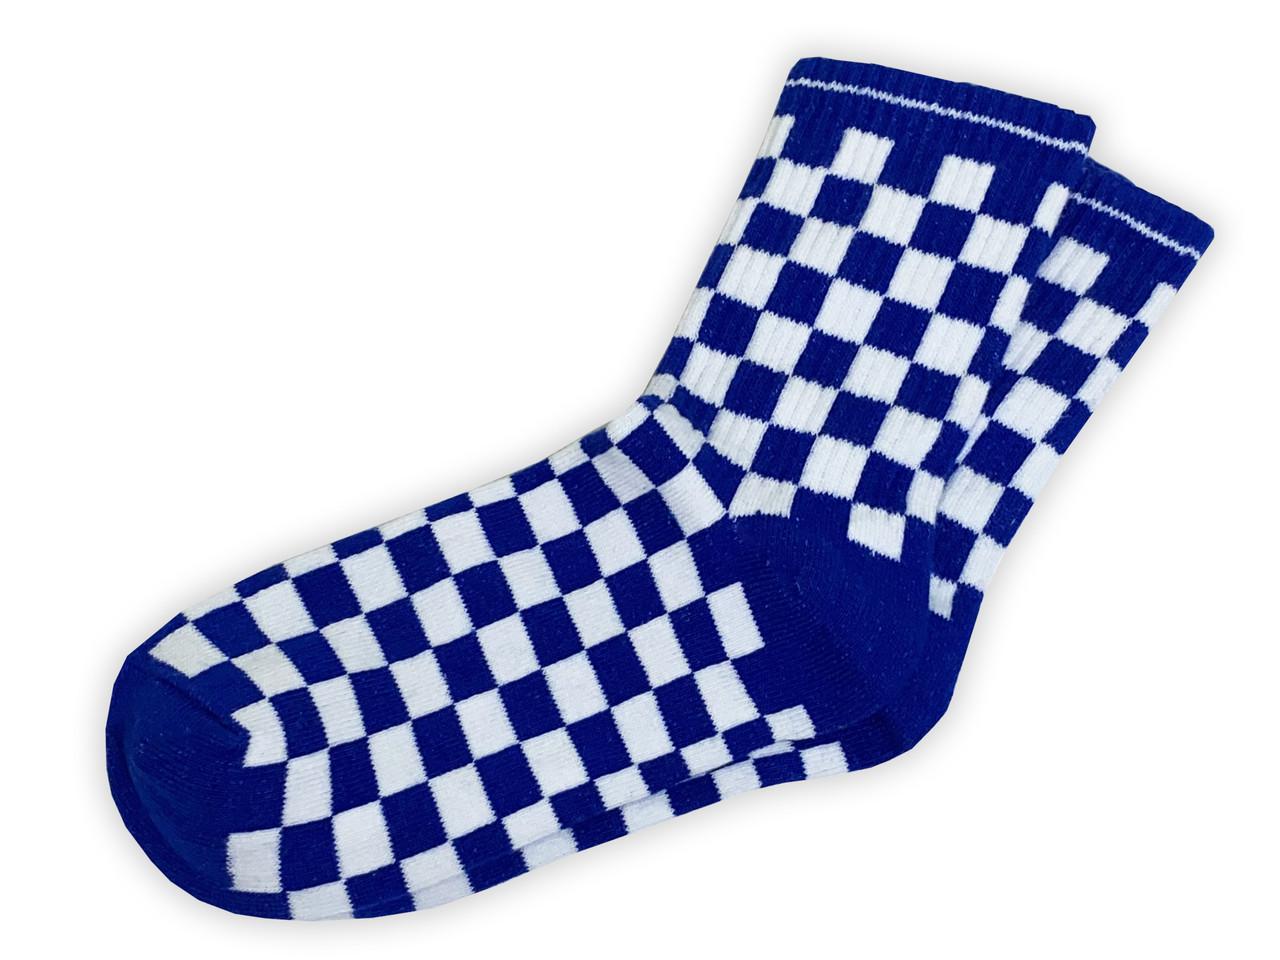 Носки Neseli Athletic Шахматы синие 2204